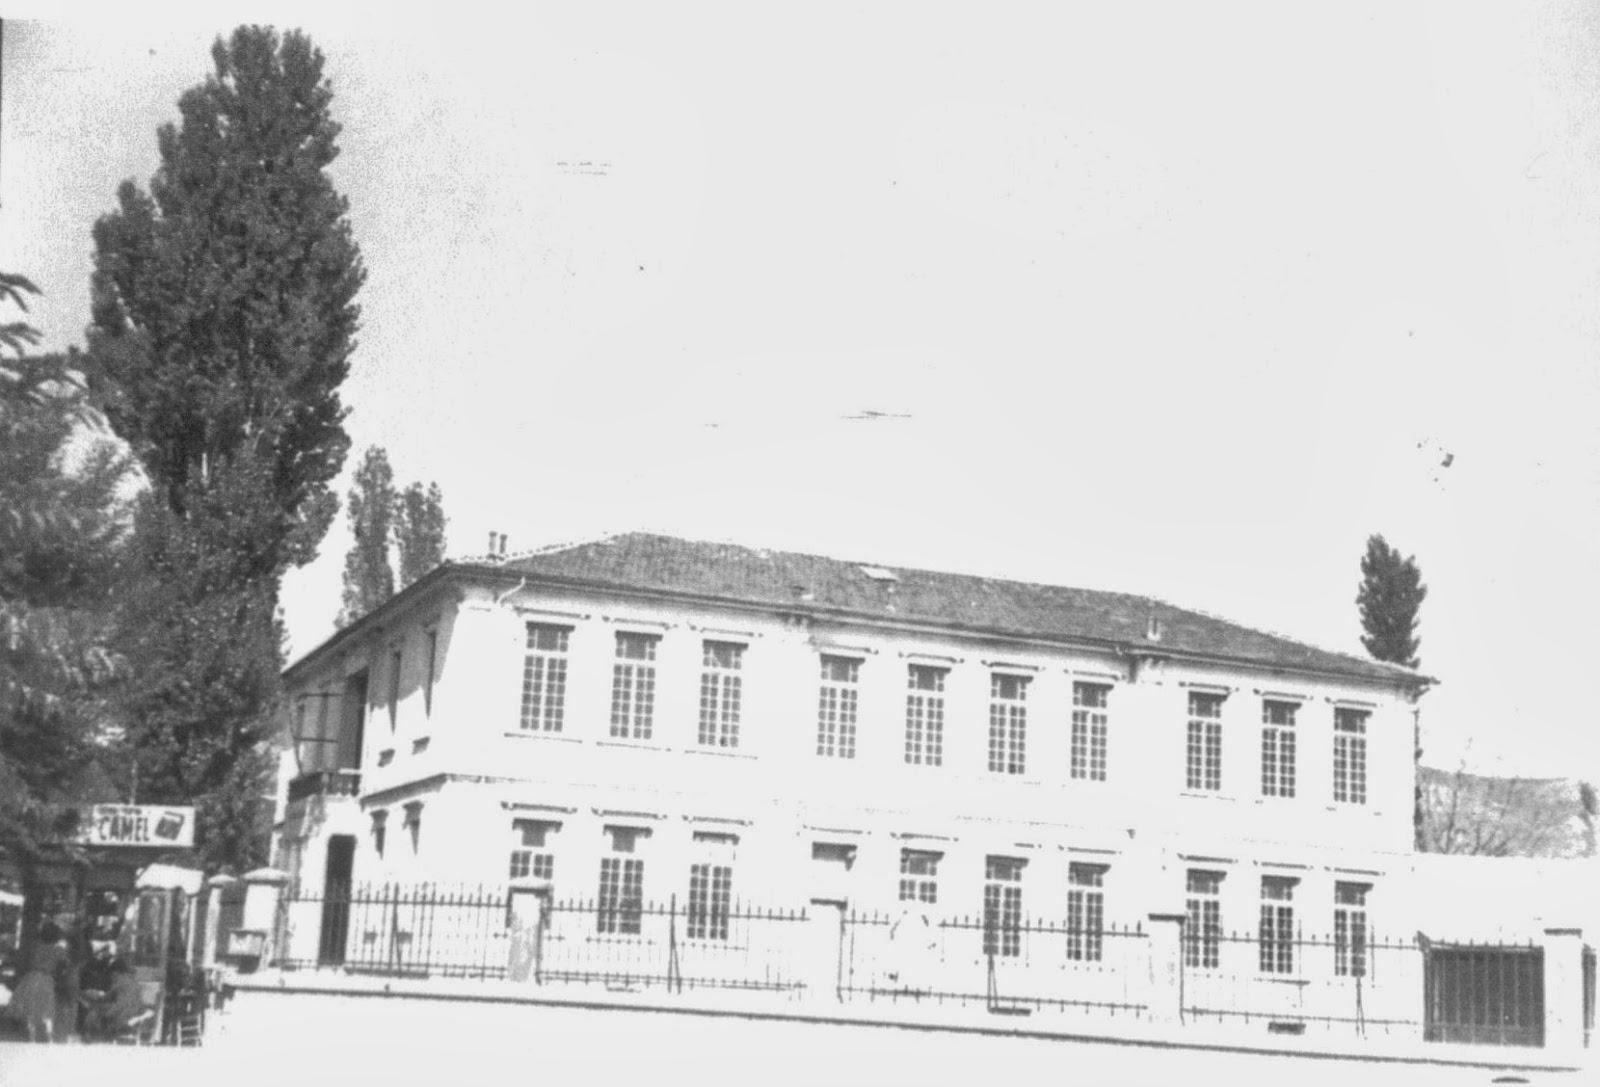 Το γυμνάσιο Περικαλλές τη δεκαετία του 60